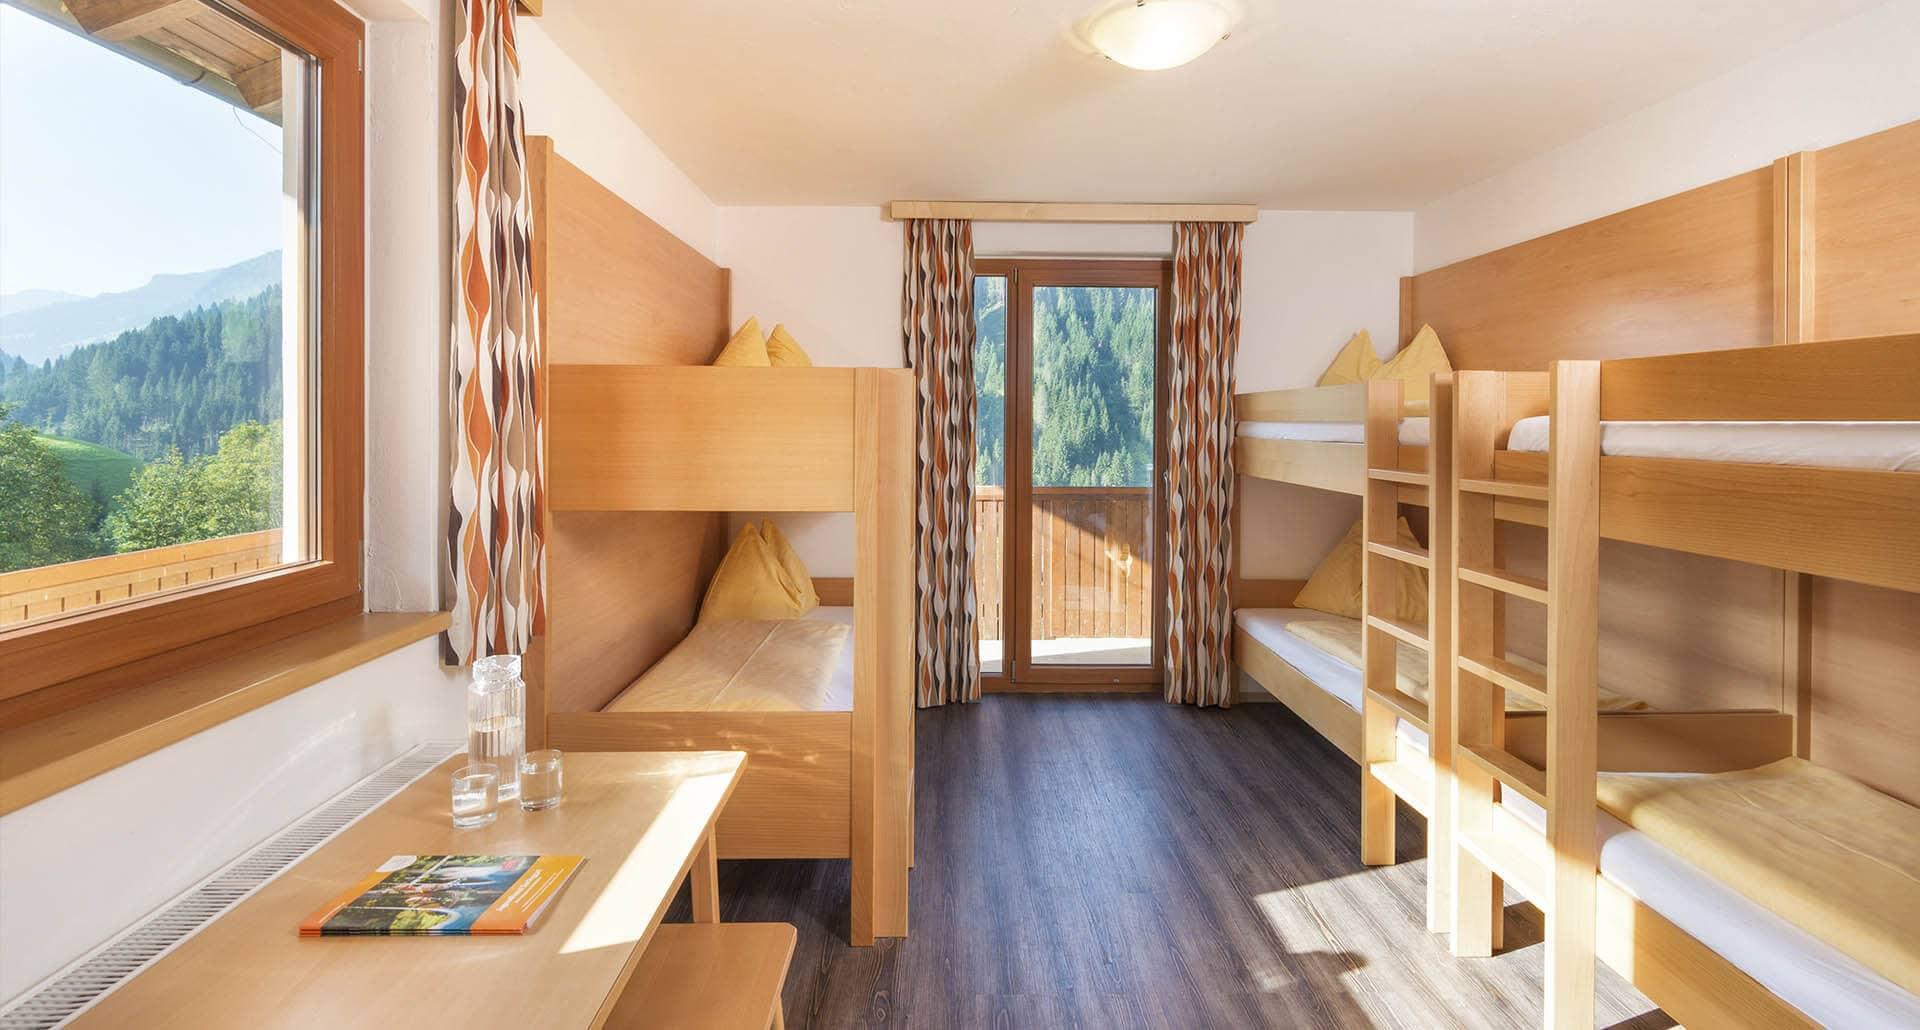 Jugendgästehaus & Jugendhotel Saringgut - Sportwoche & Projektwochen